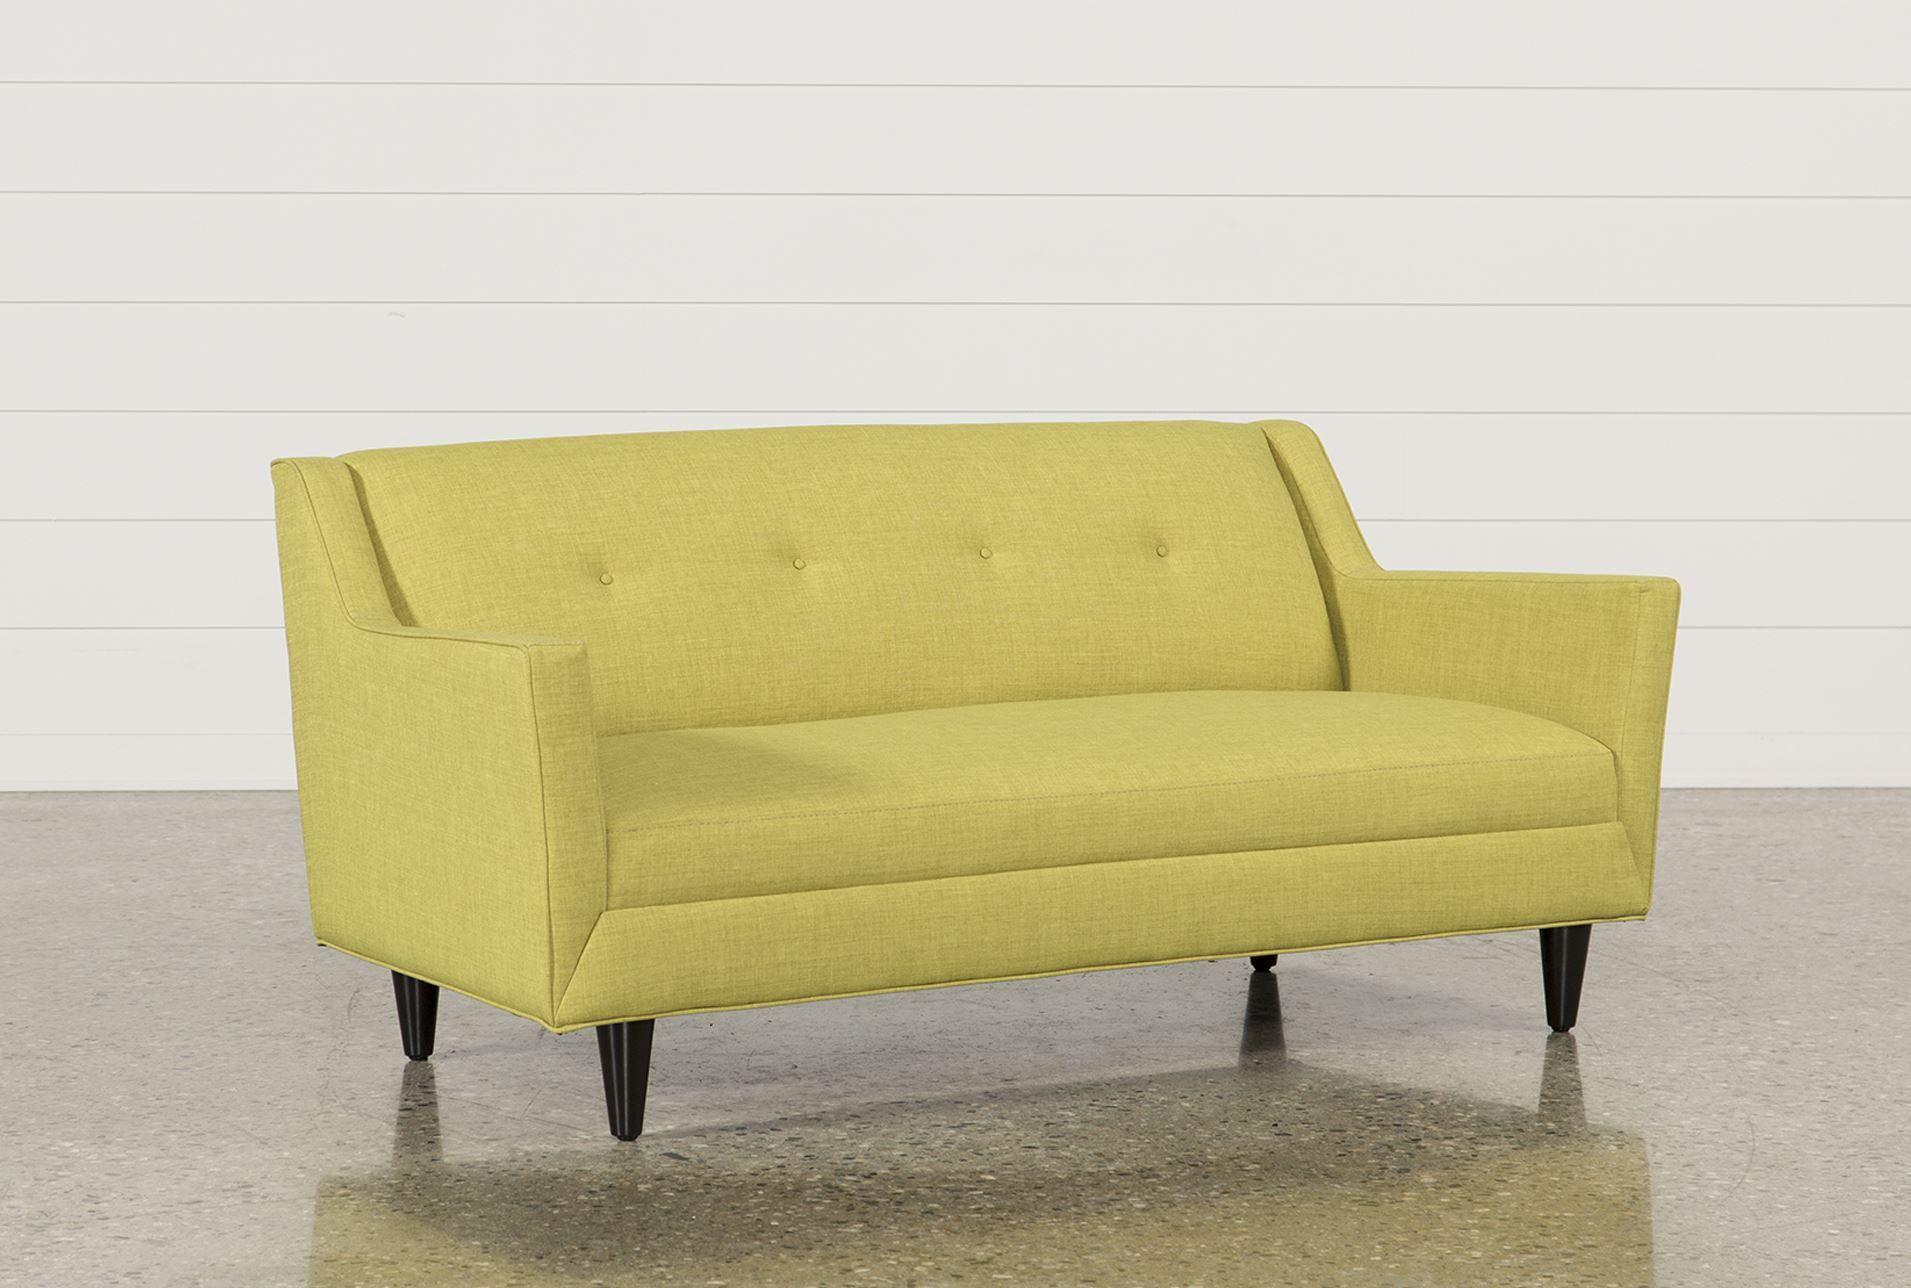 Gretchen Condo Sofa